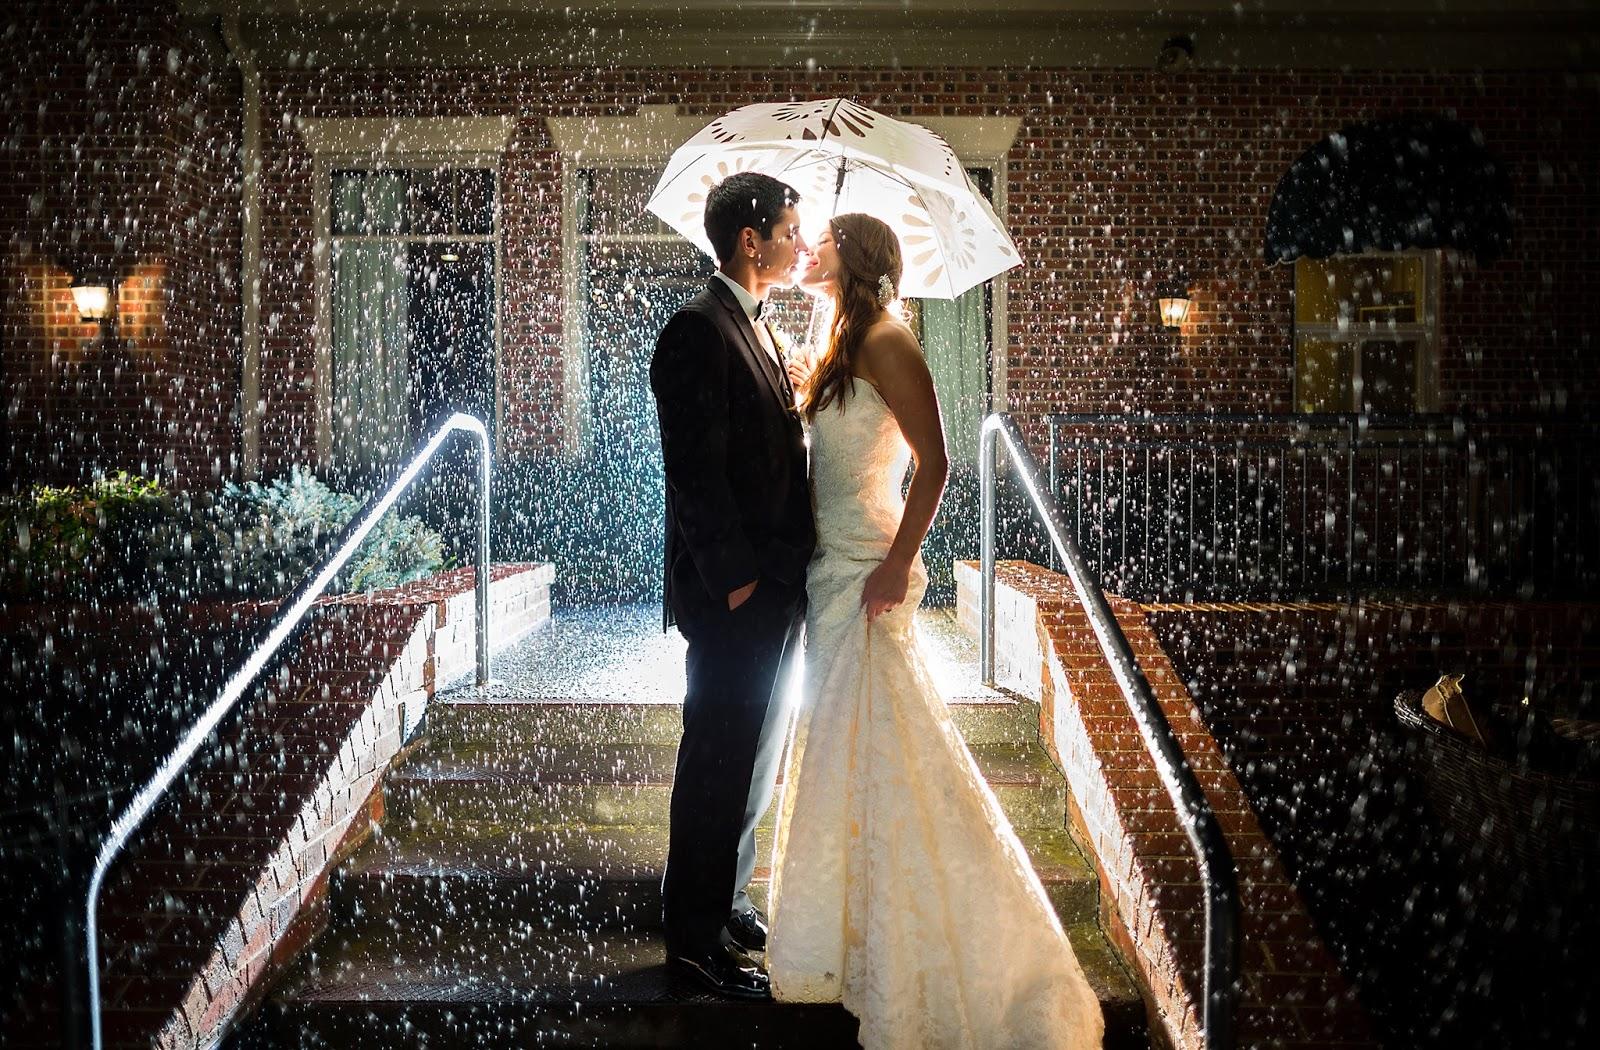 Bí quyết để chụp ảnh cưới đẹp rạng ngời ~ Kinh nghiệm cưới - Thông ...